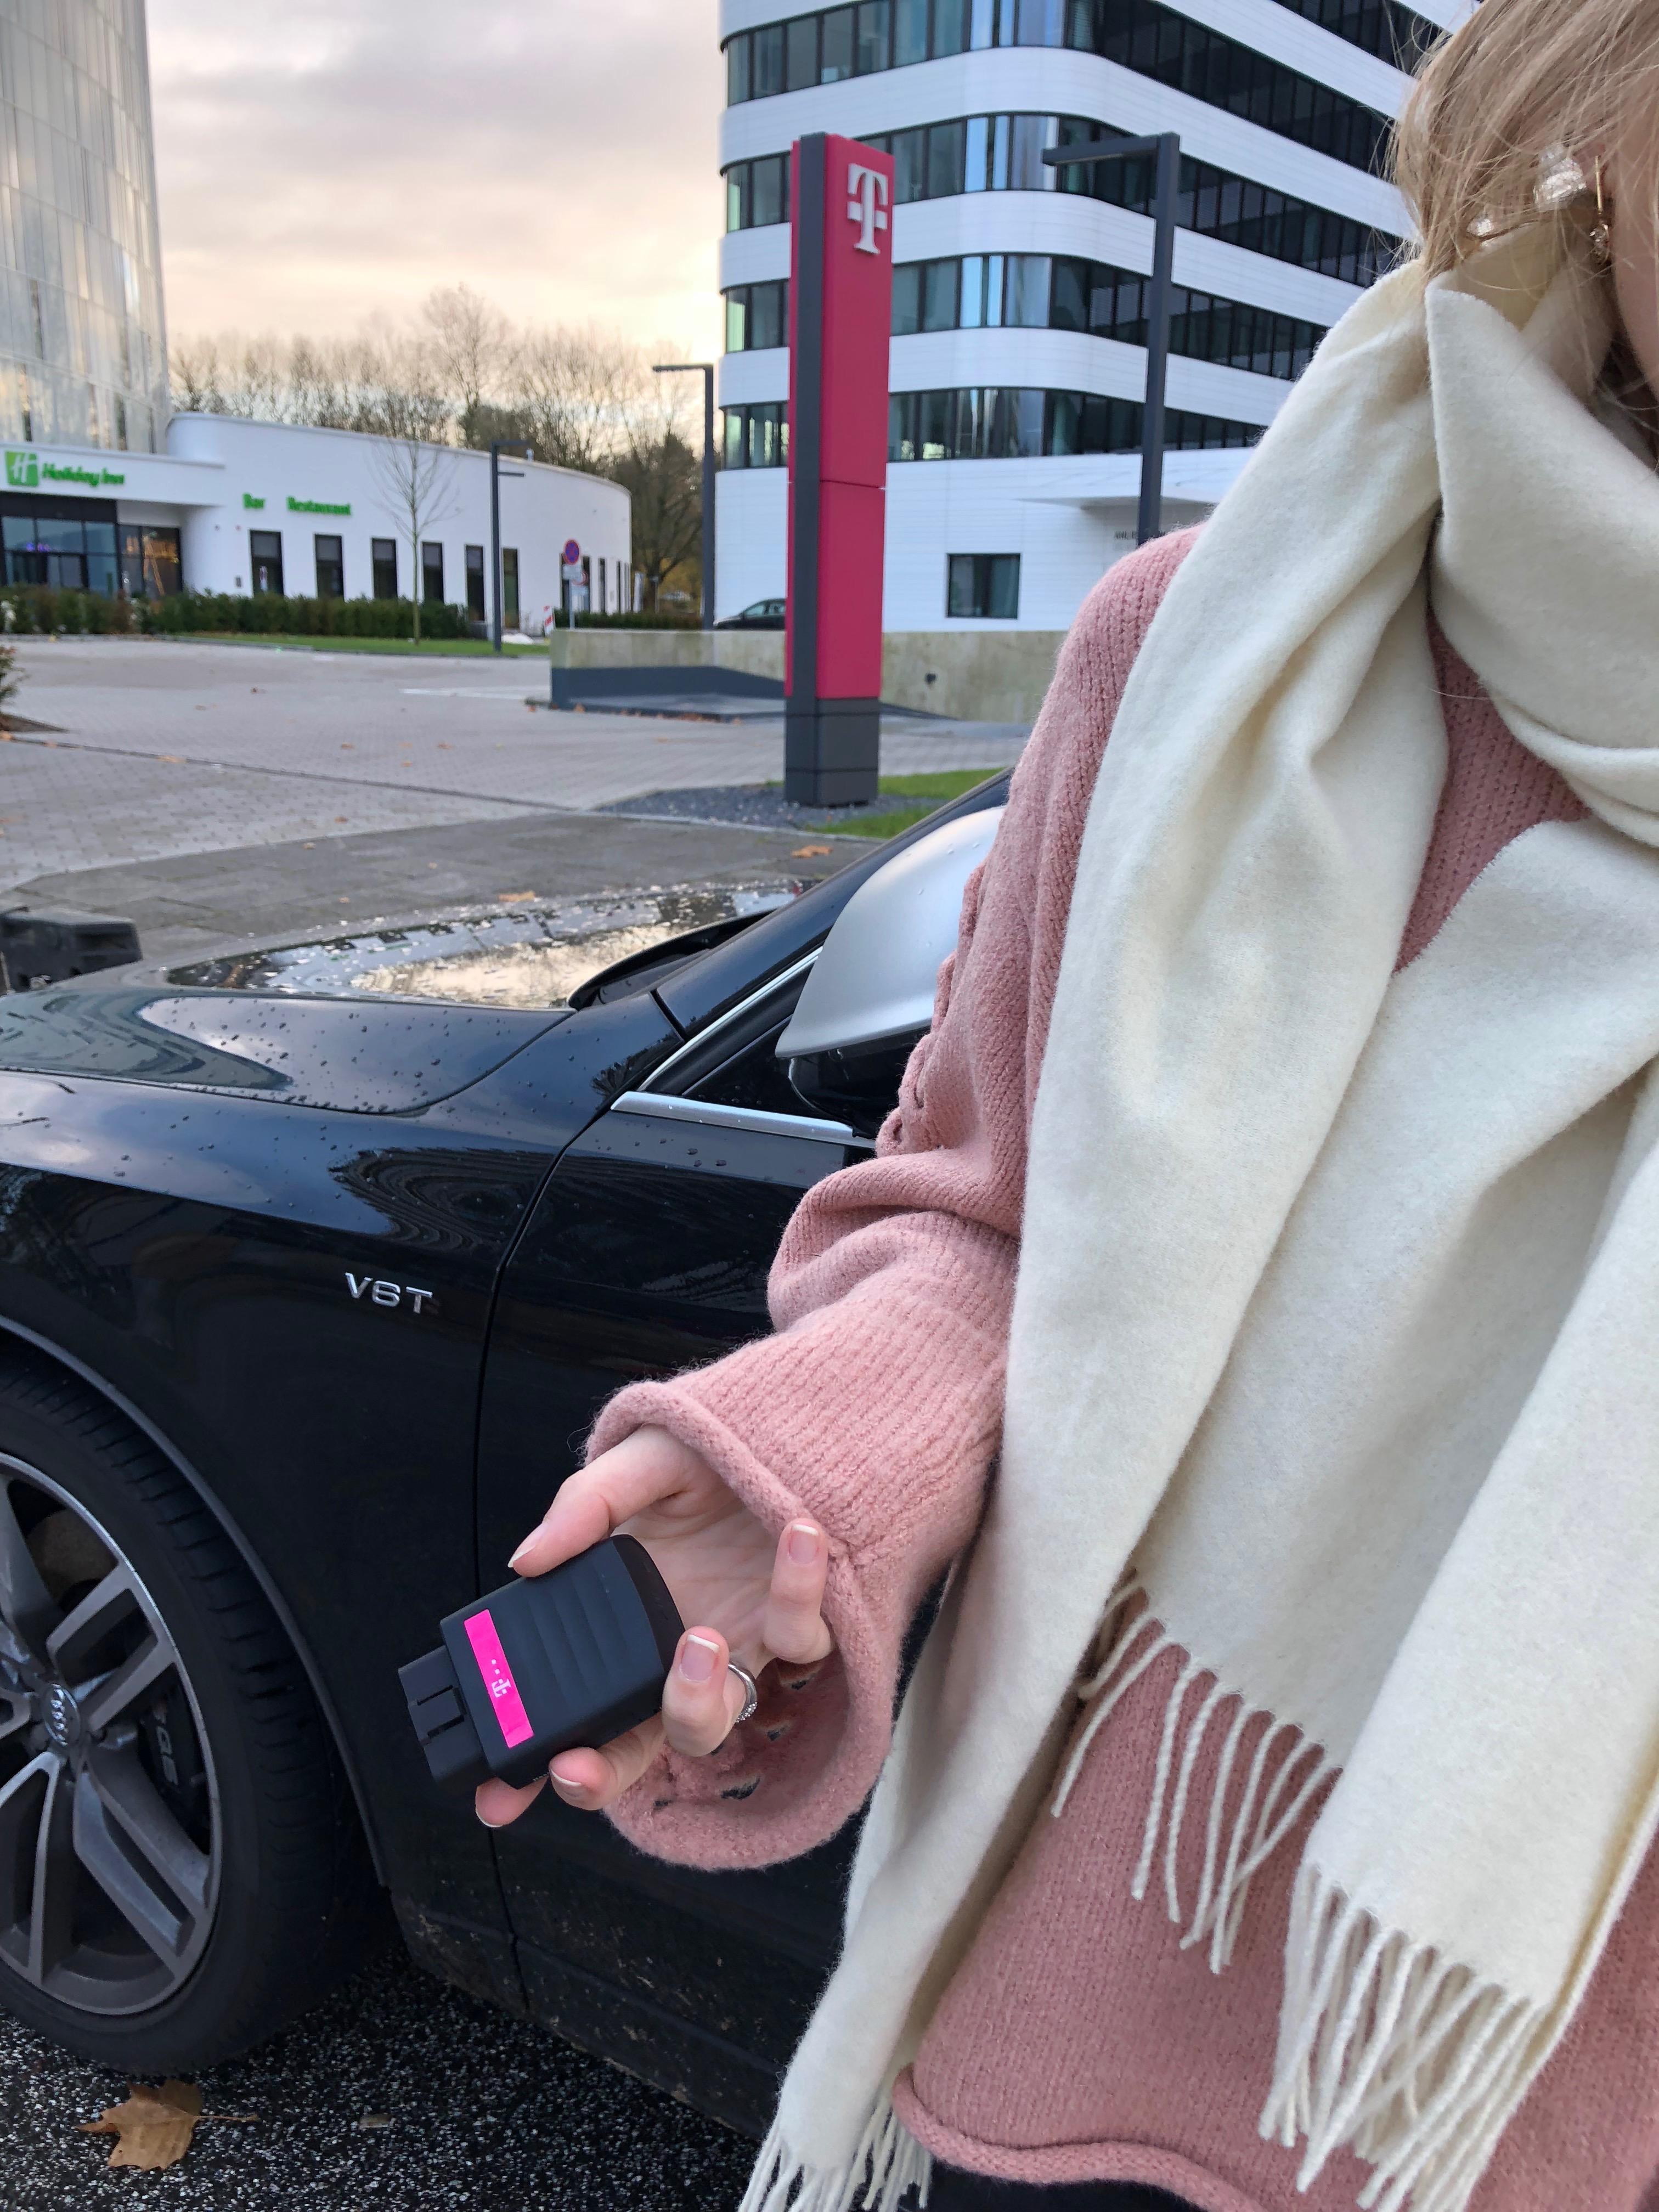 telekom-carconnect-erfahrung-device-internet-unterwegs-auto-sicherheit-adapter